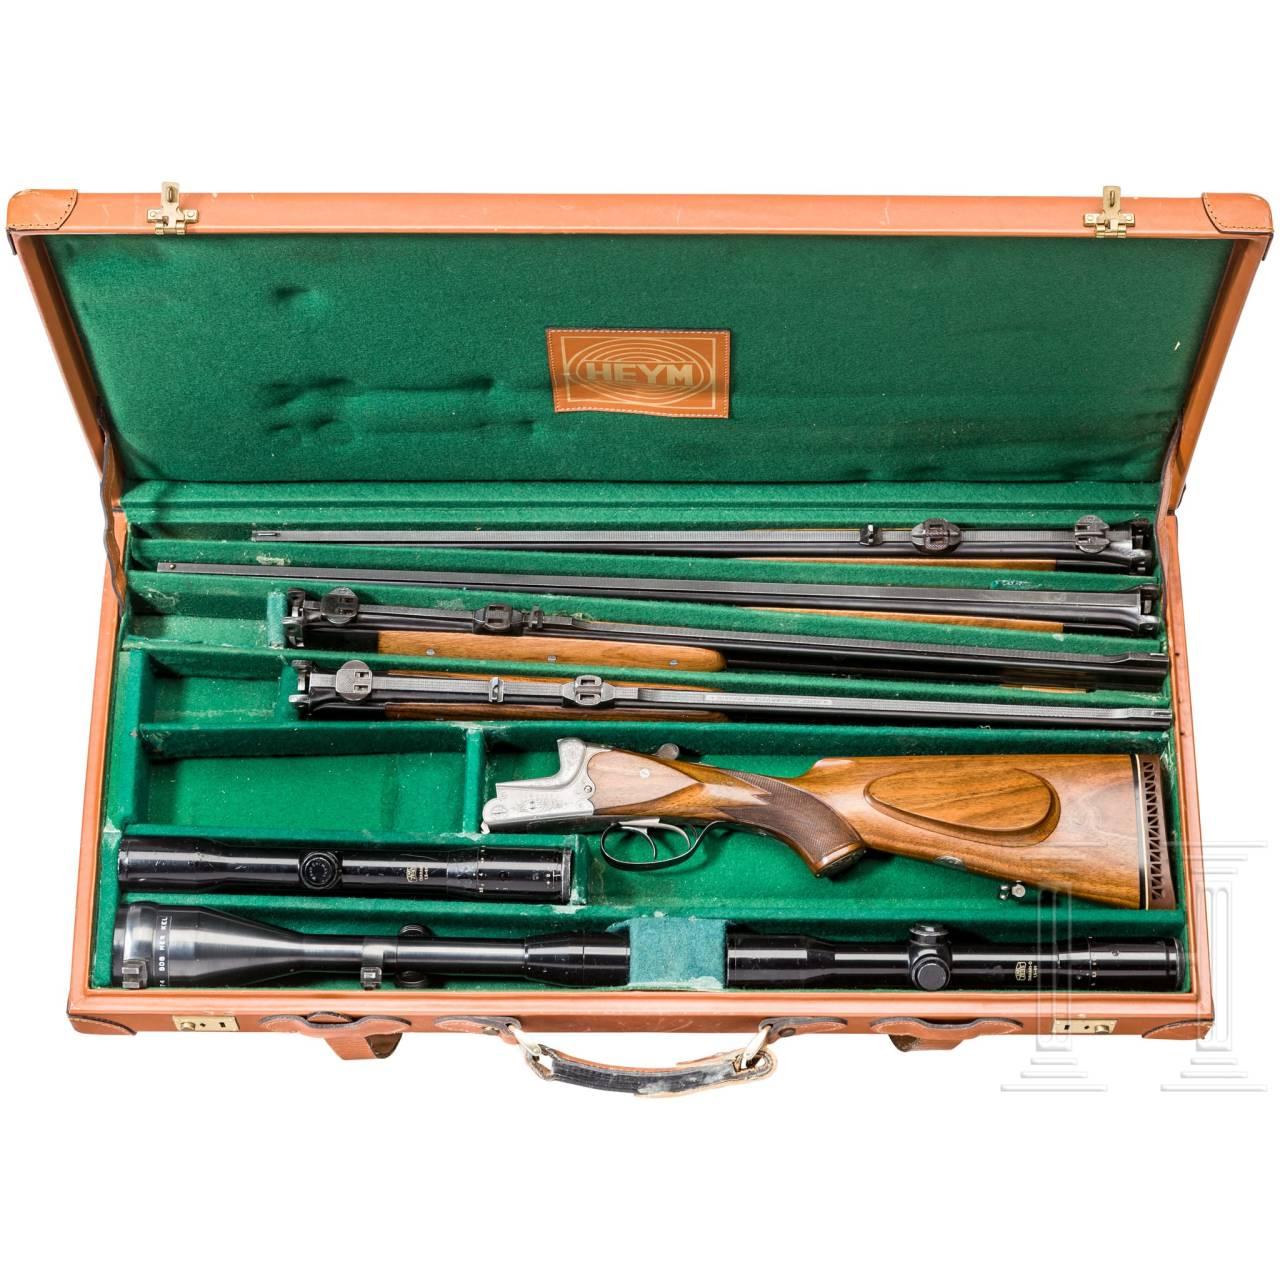 Bockdoppelbüchse Hambrusch, mit drei Wechselläufen, im Koffer